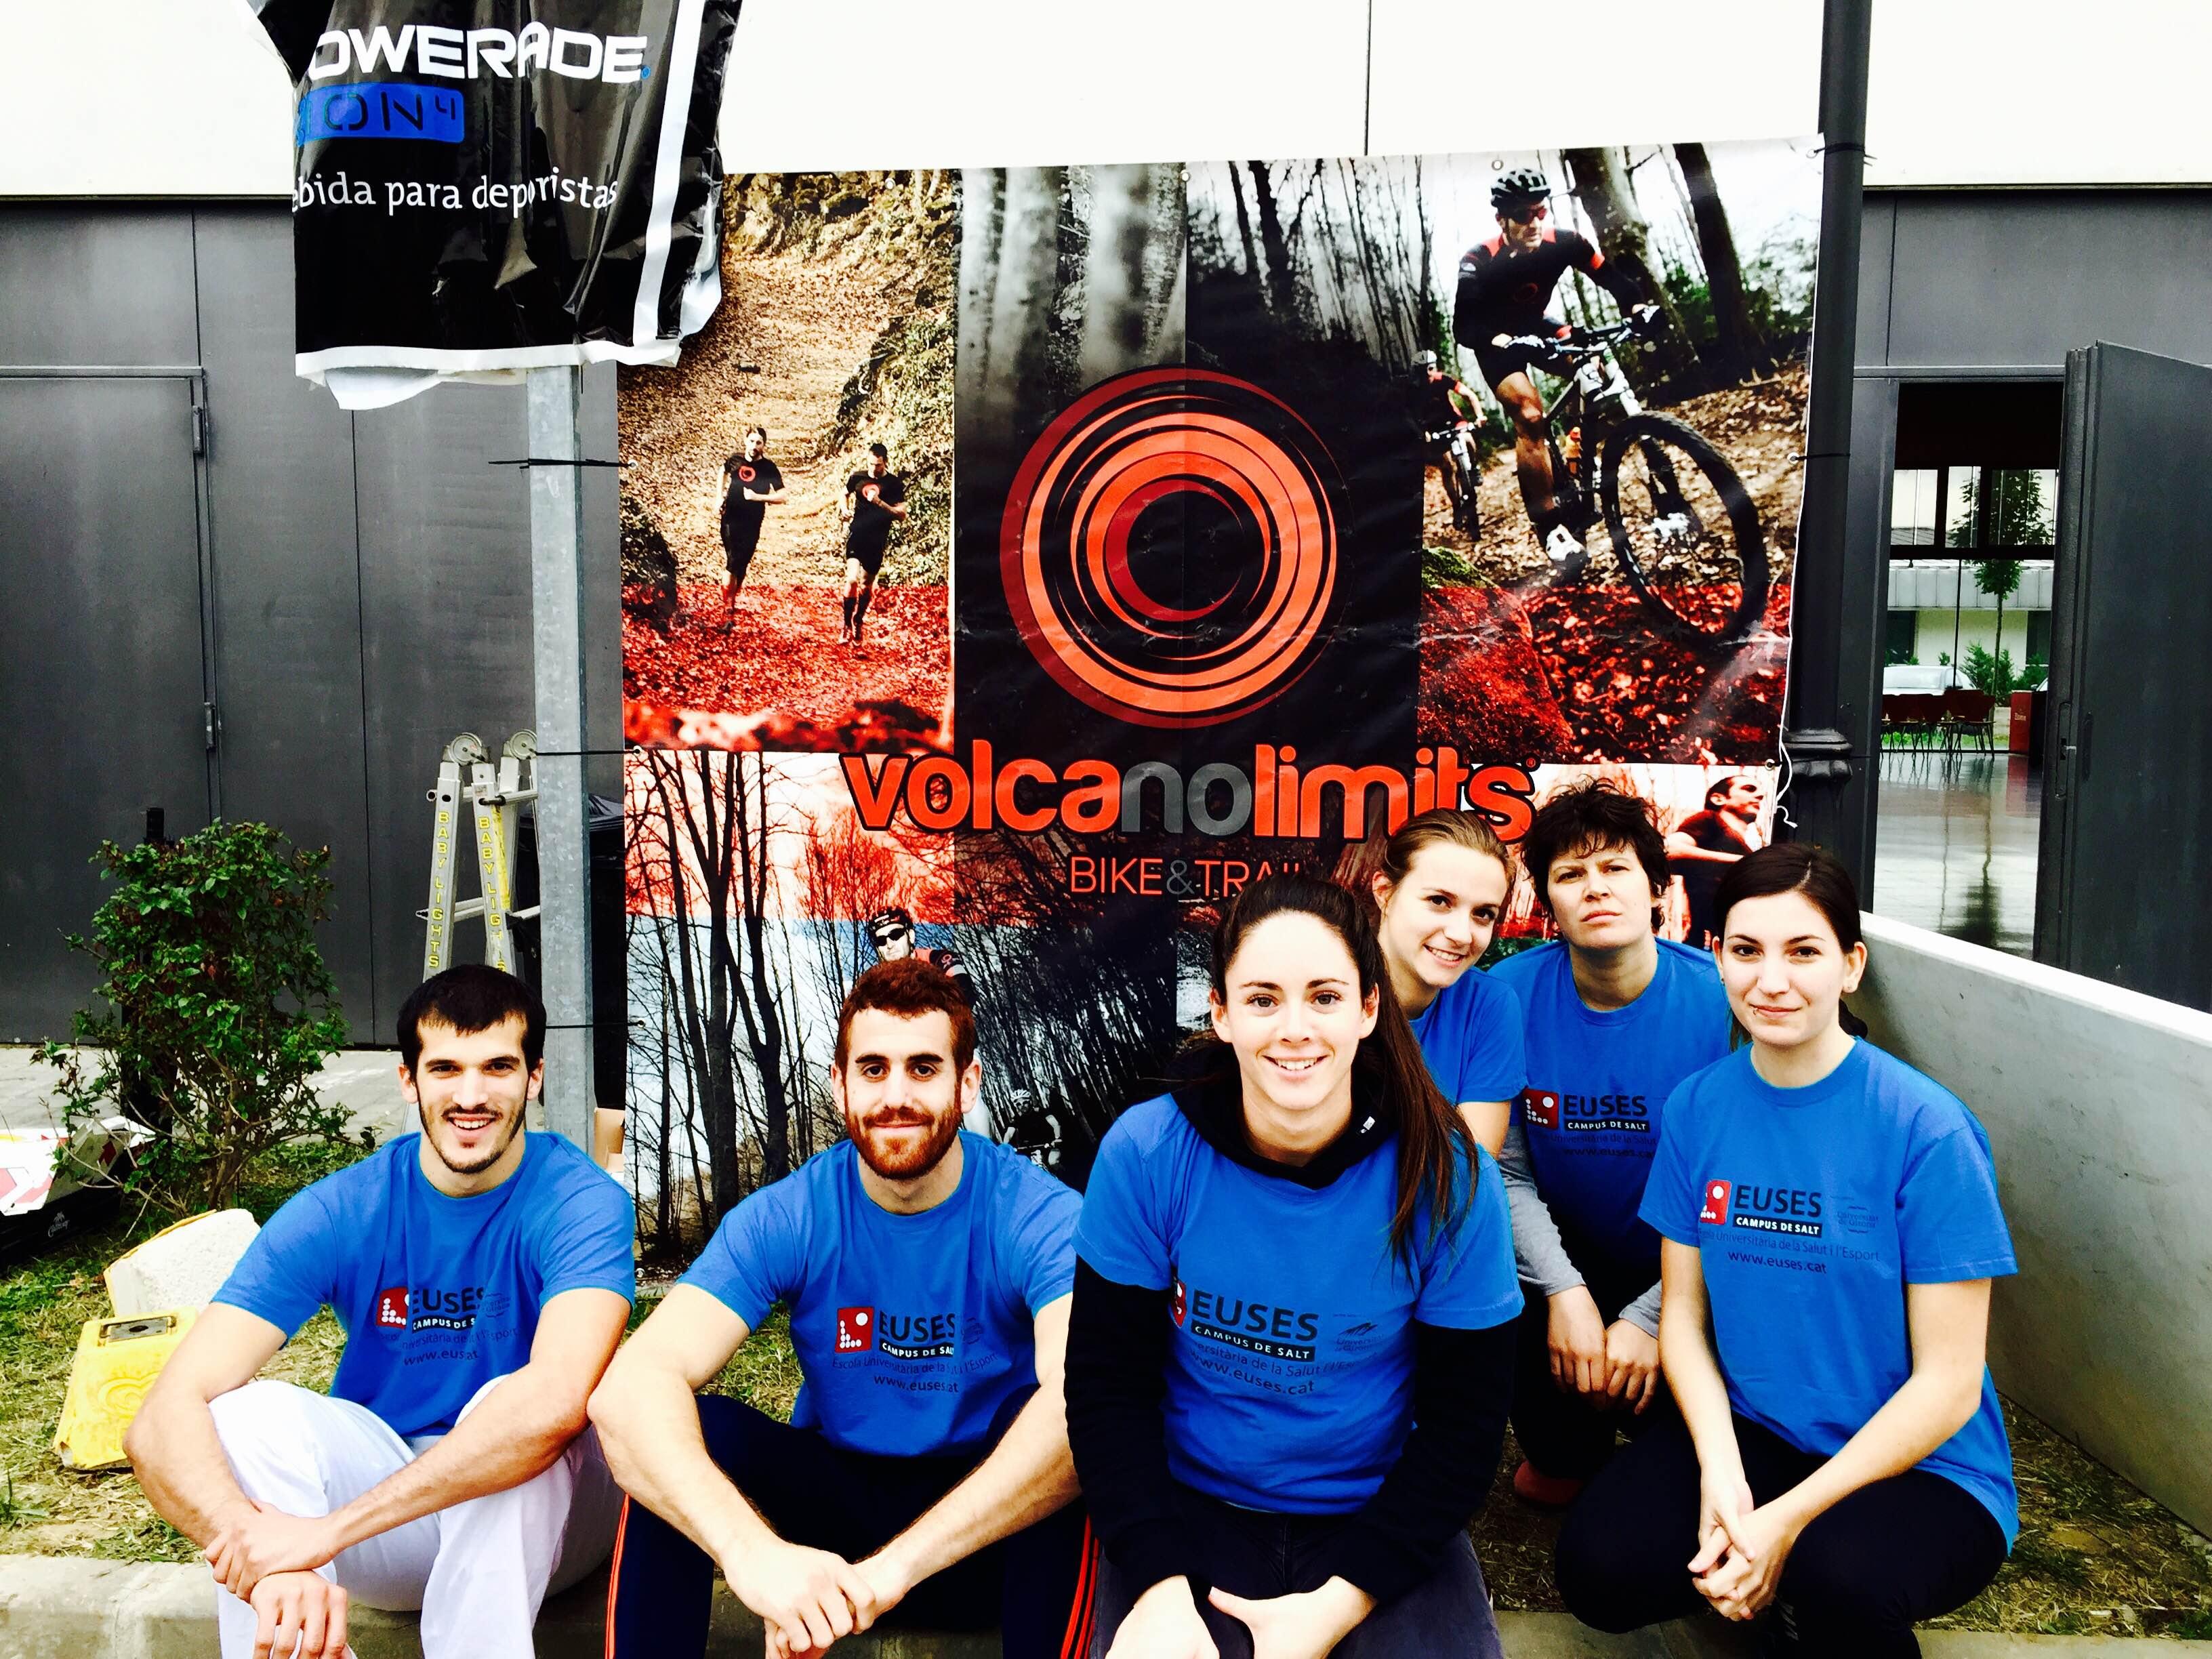 EUSES, present en una nova edició de la Vocanolímits, una cursa de BTT de 50 quilòmetres